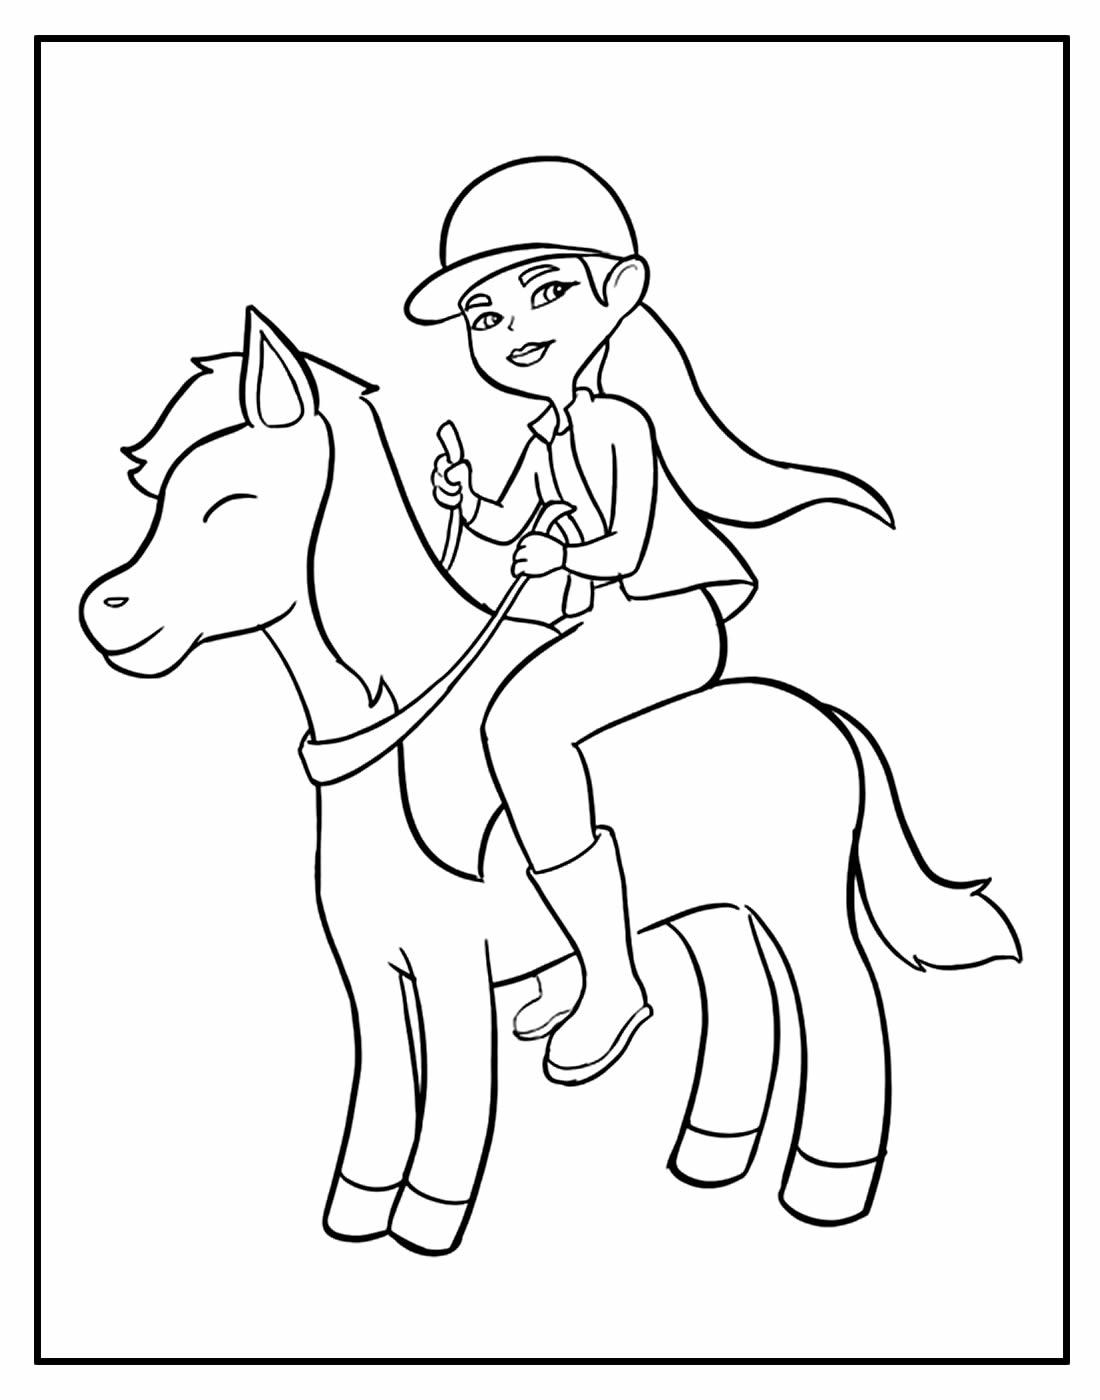 Página para colorir de Cavalo